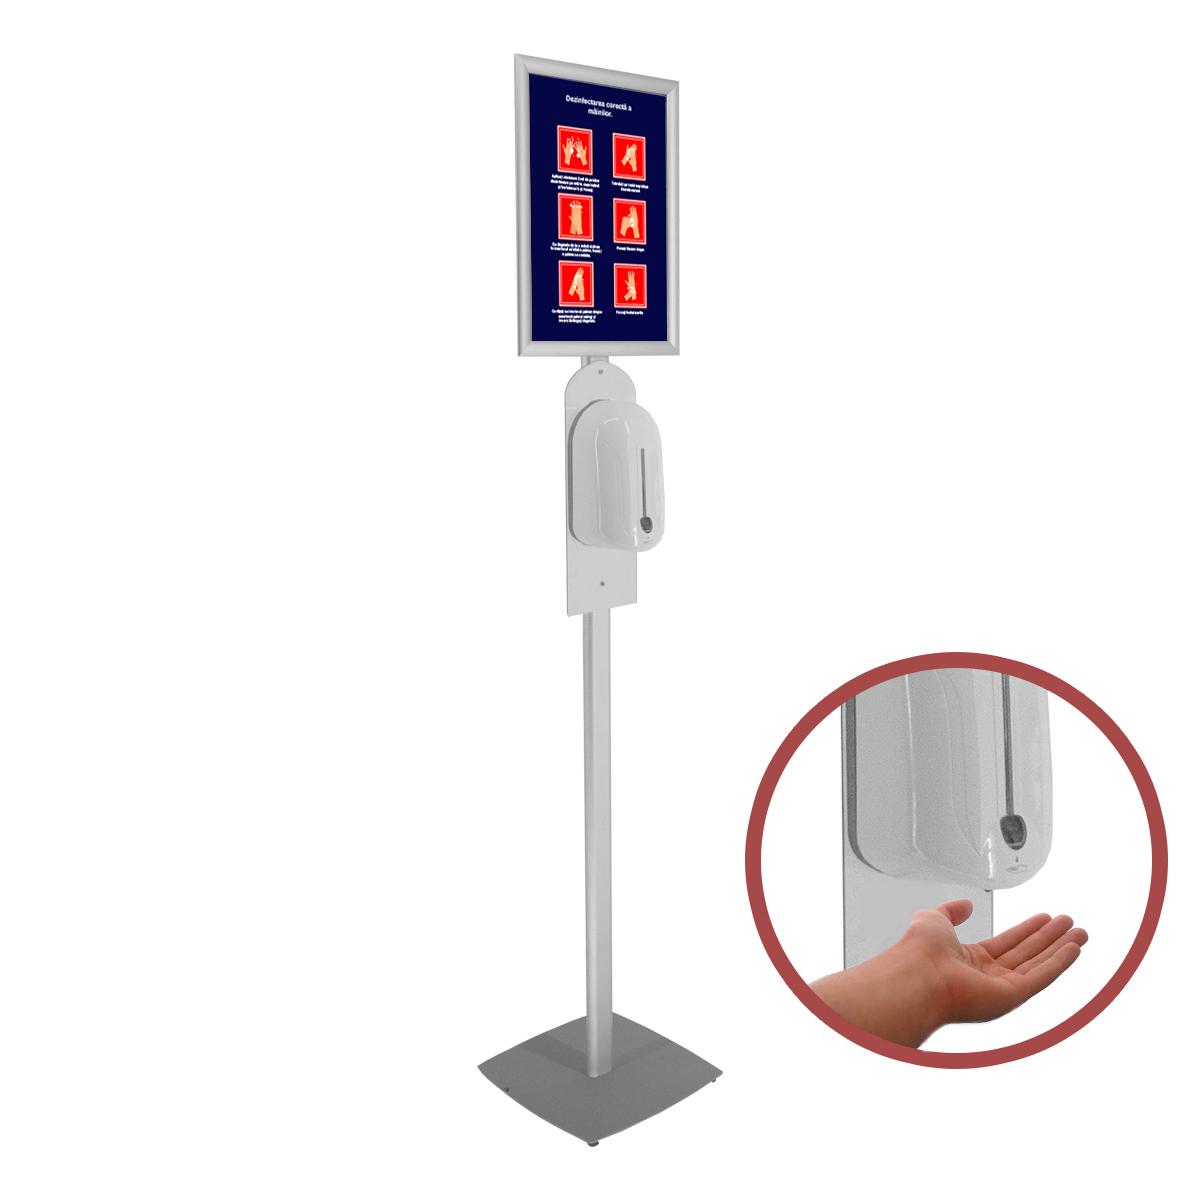 Stand pentru dezinfectare mâini, cu dozator automat, JJ DISPLAYS, dimensiuni la cerere